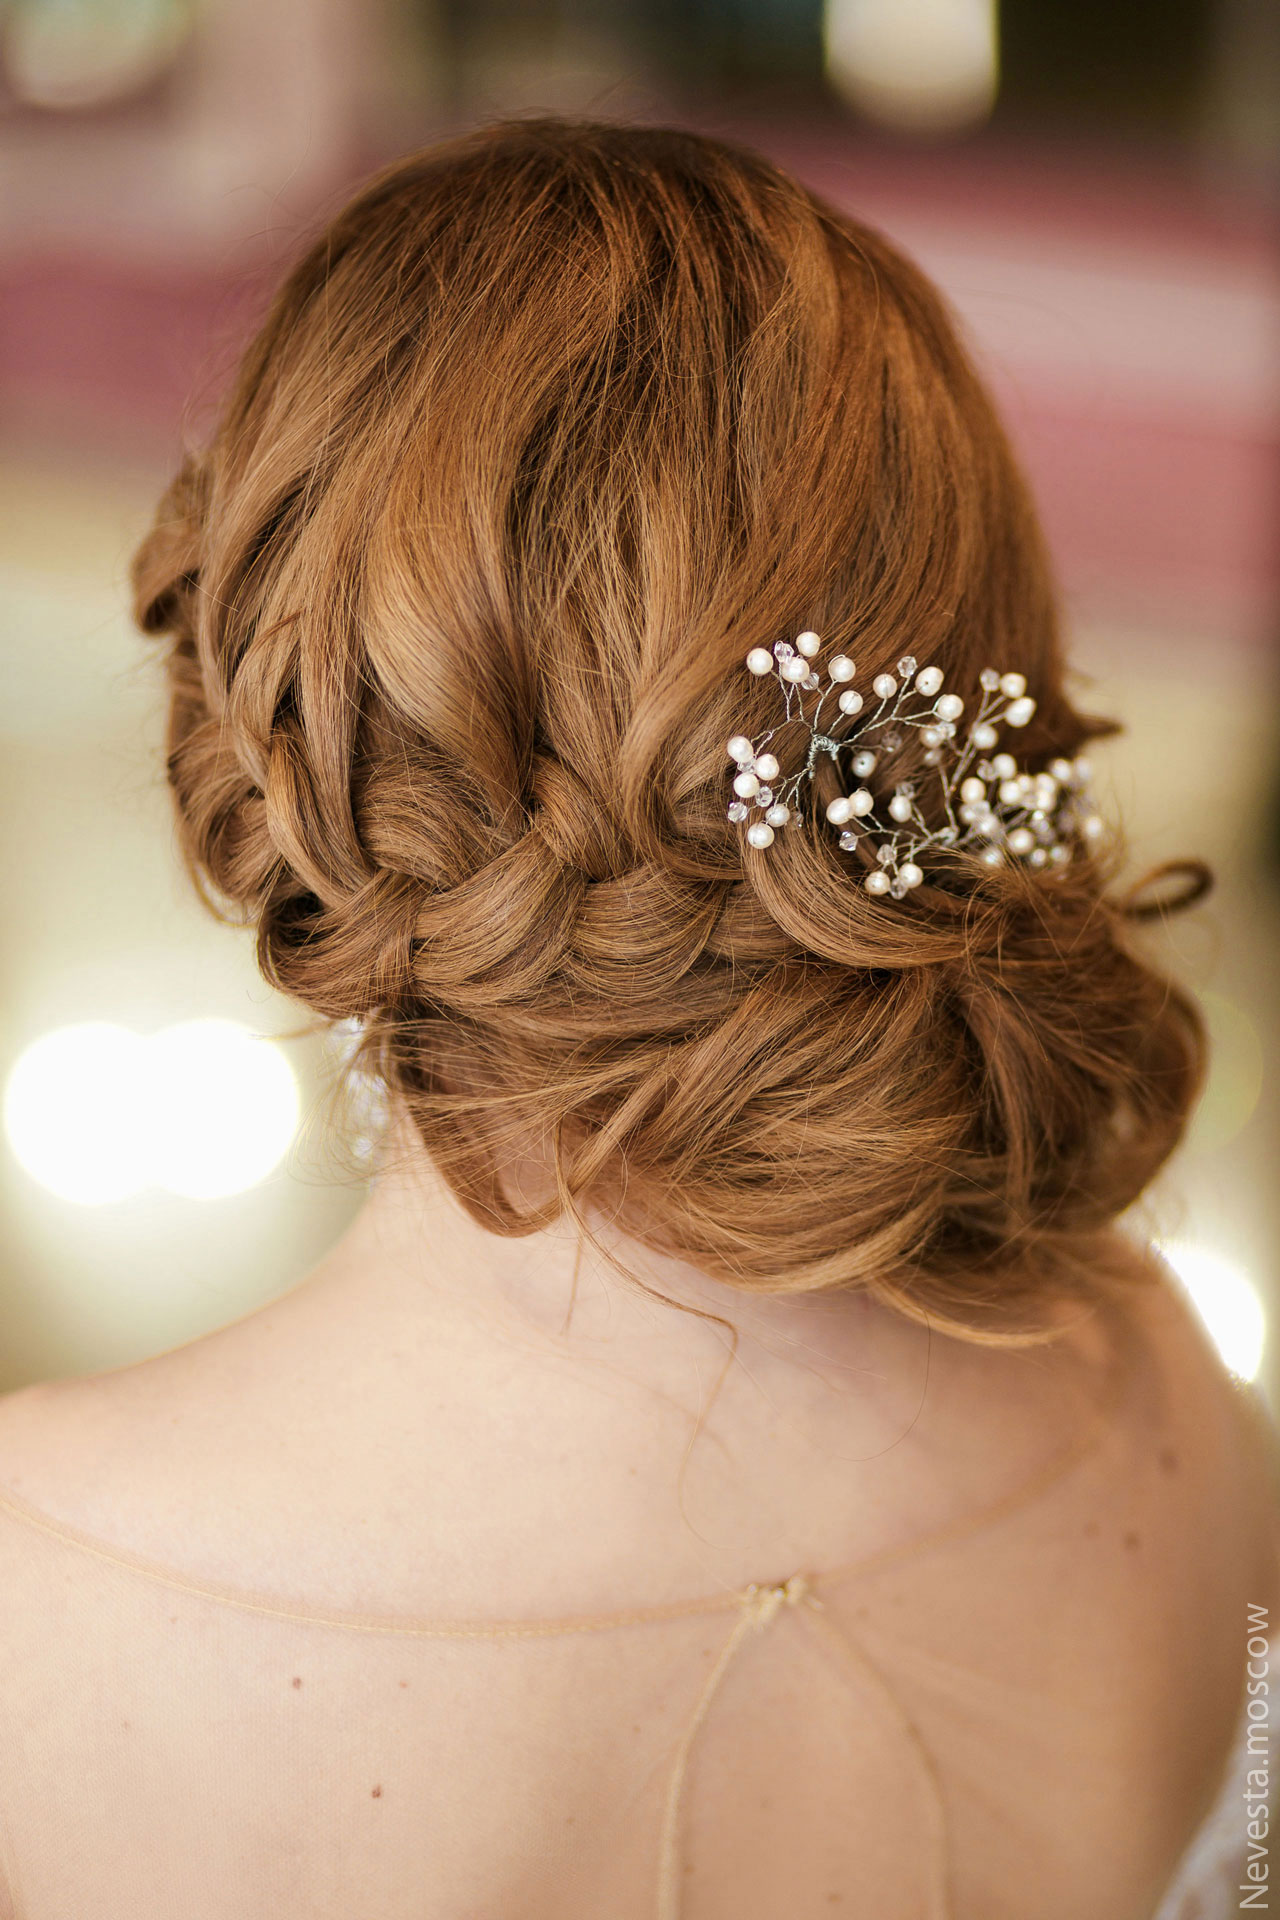 Анастасия Денисова выбирает образ для своей свадьбы фото 3